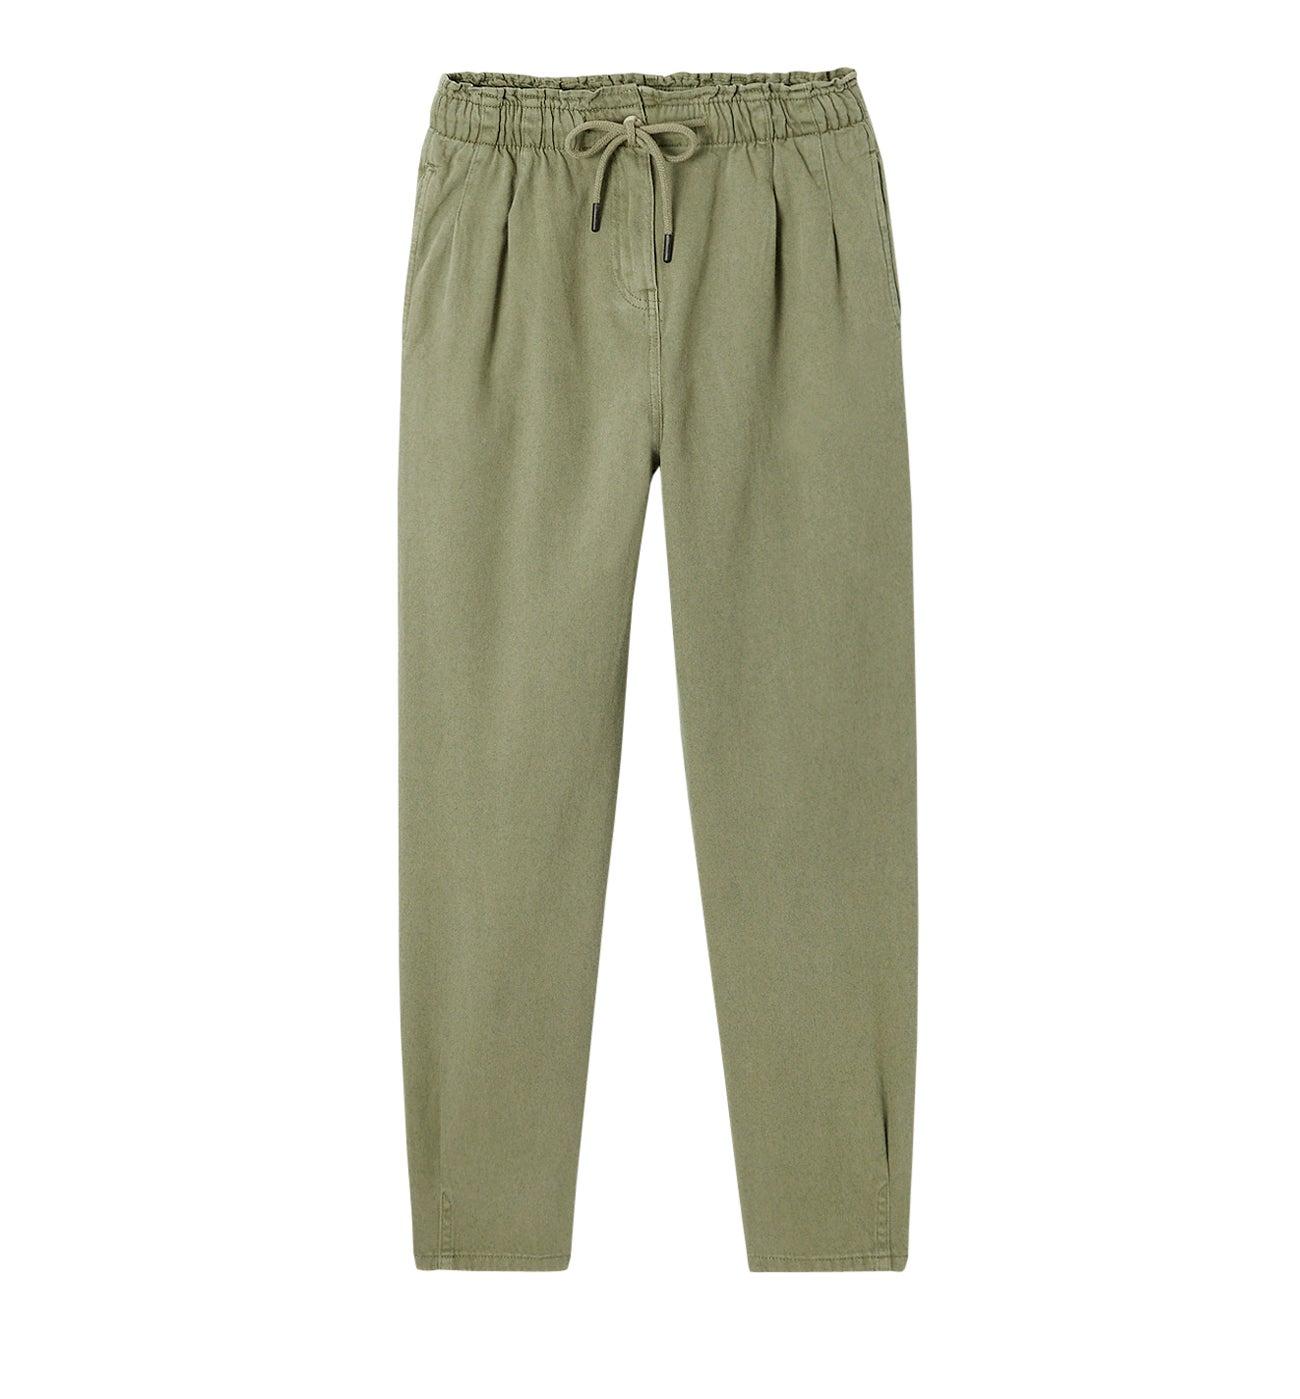 Pantalon slouchy en toile